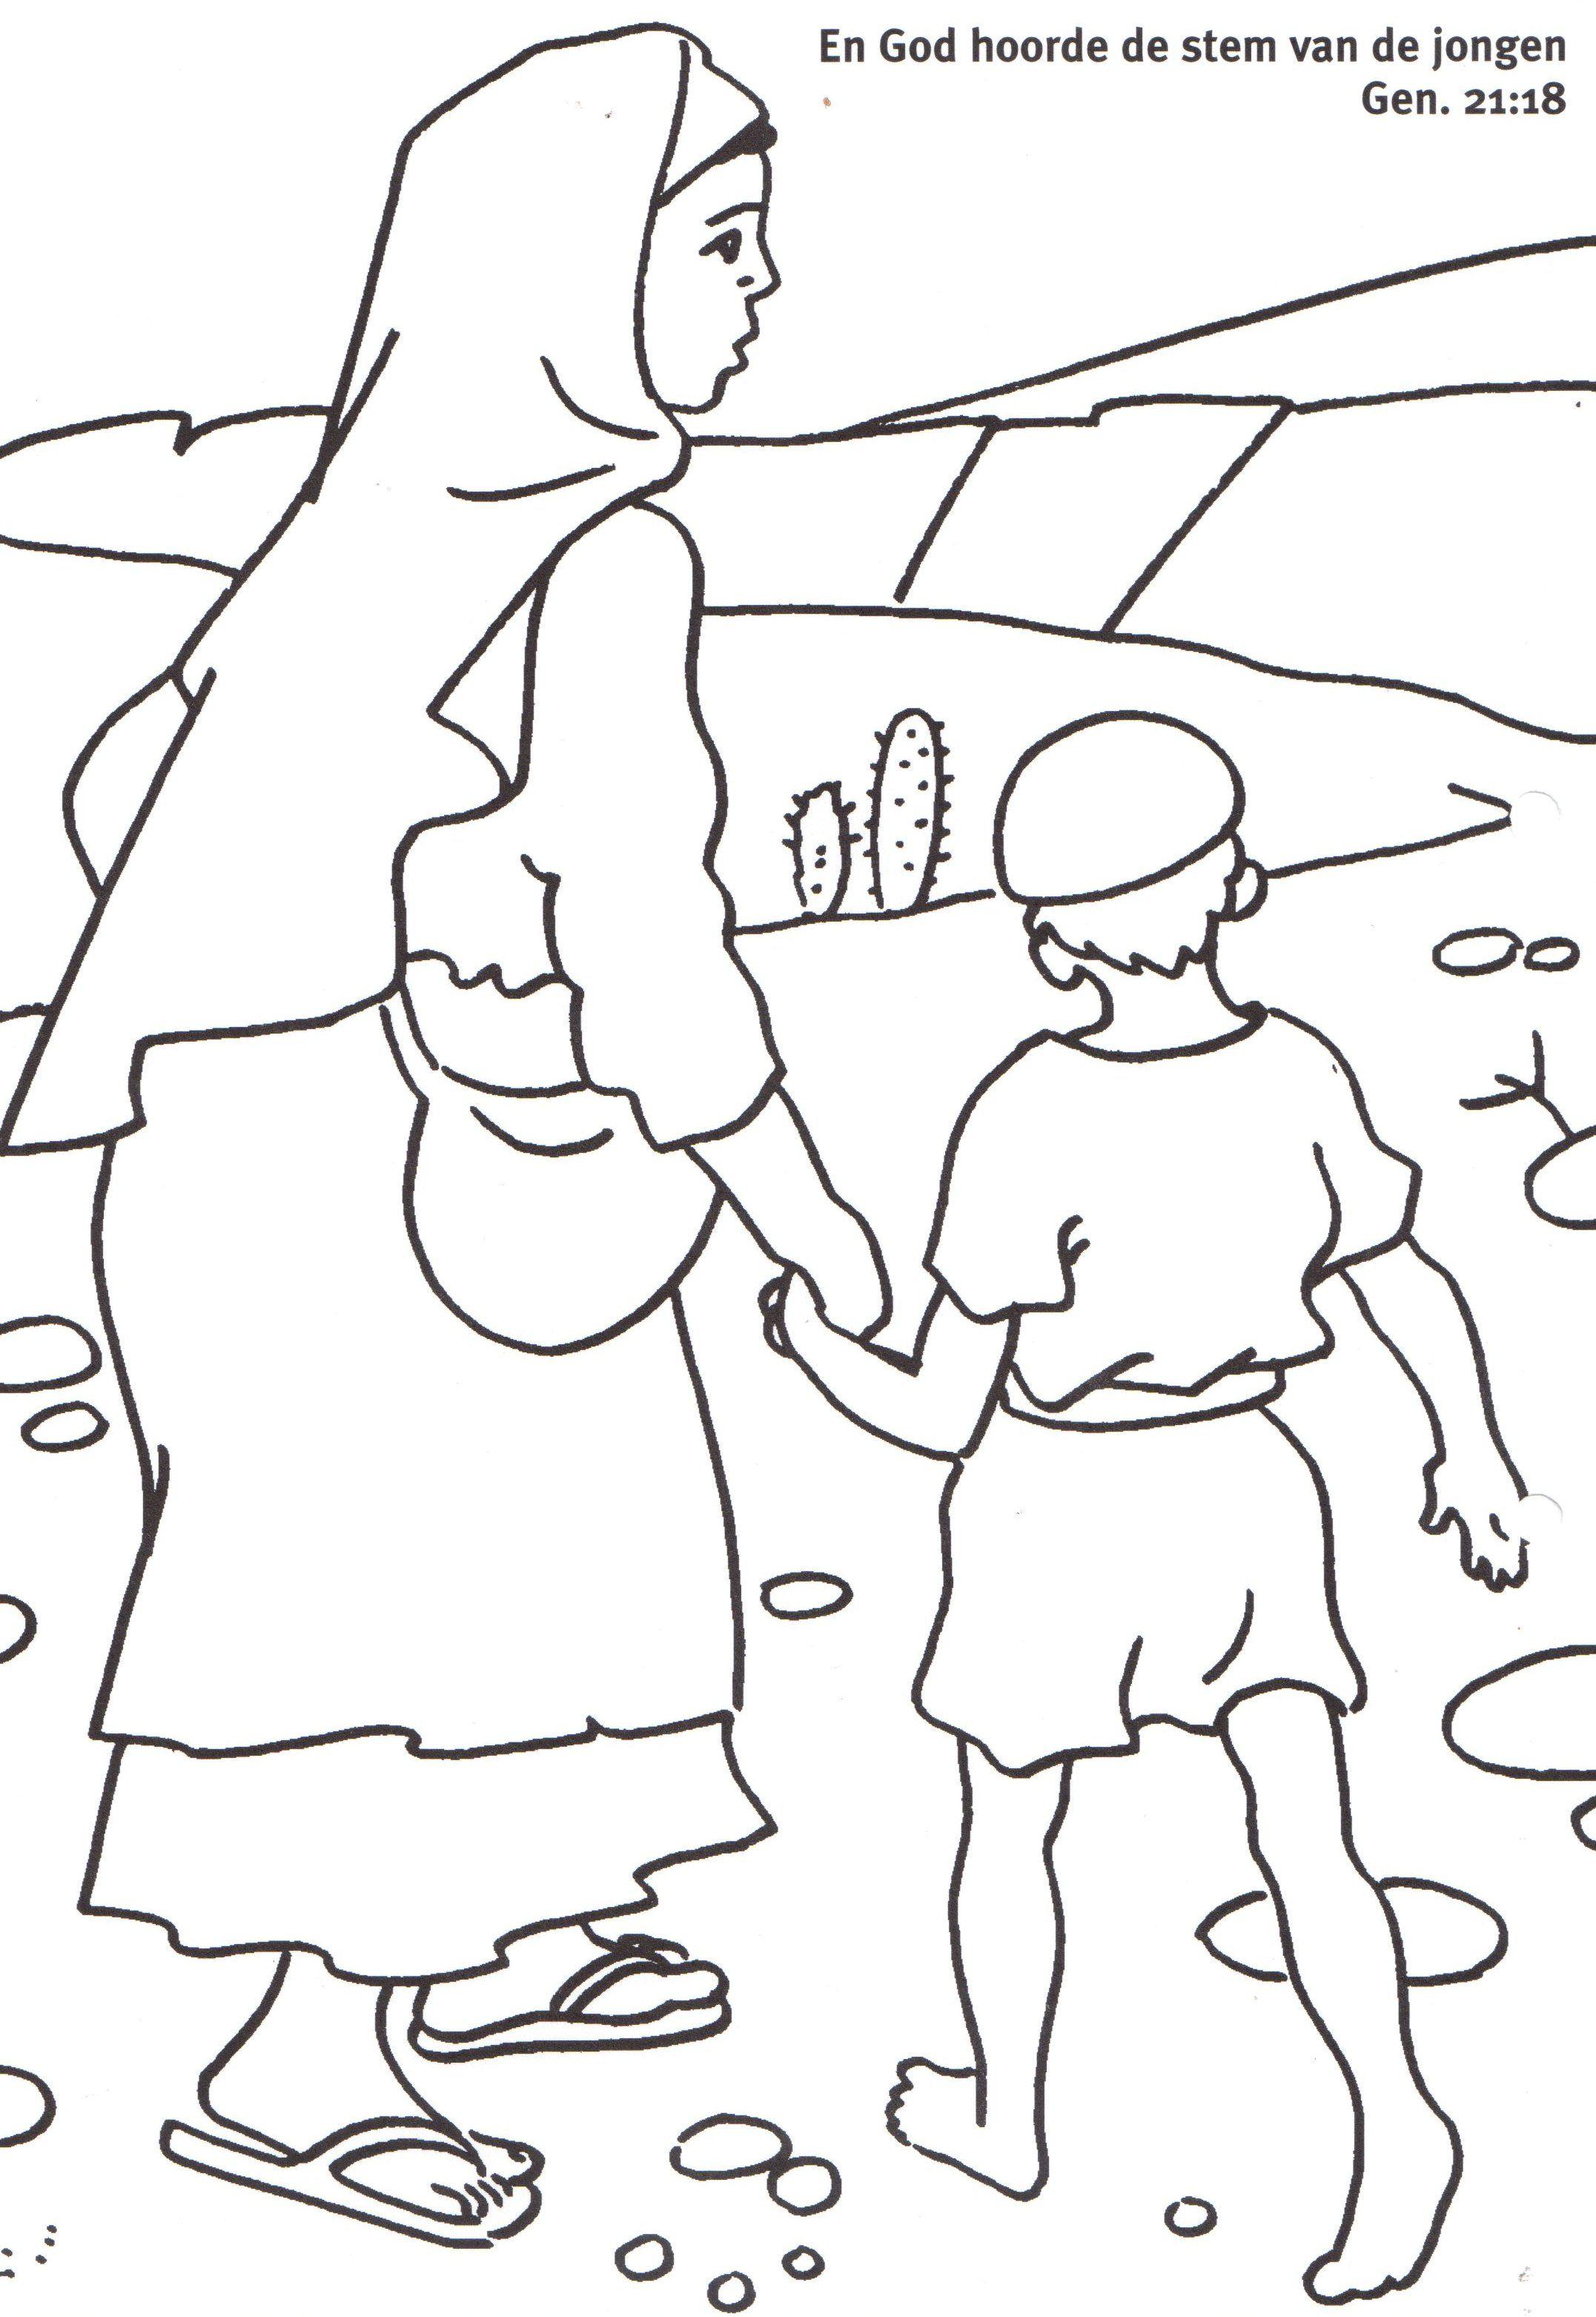 Pin de Heather McCary en Bible OT: Abram/Abraham | Pinterest ...